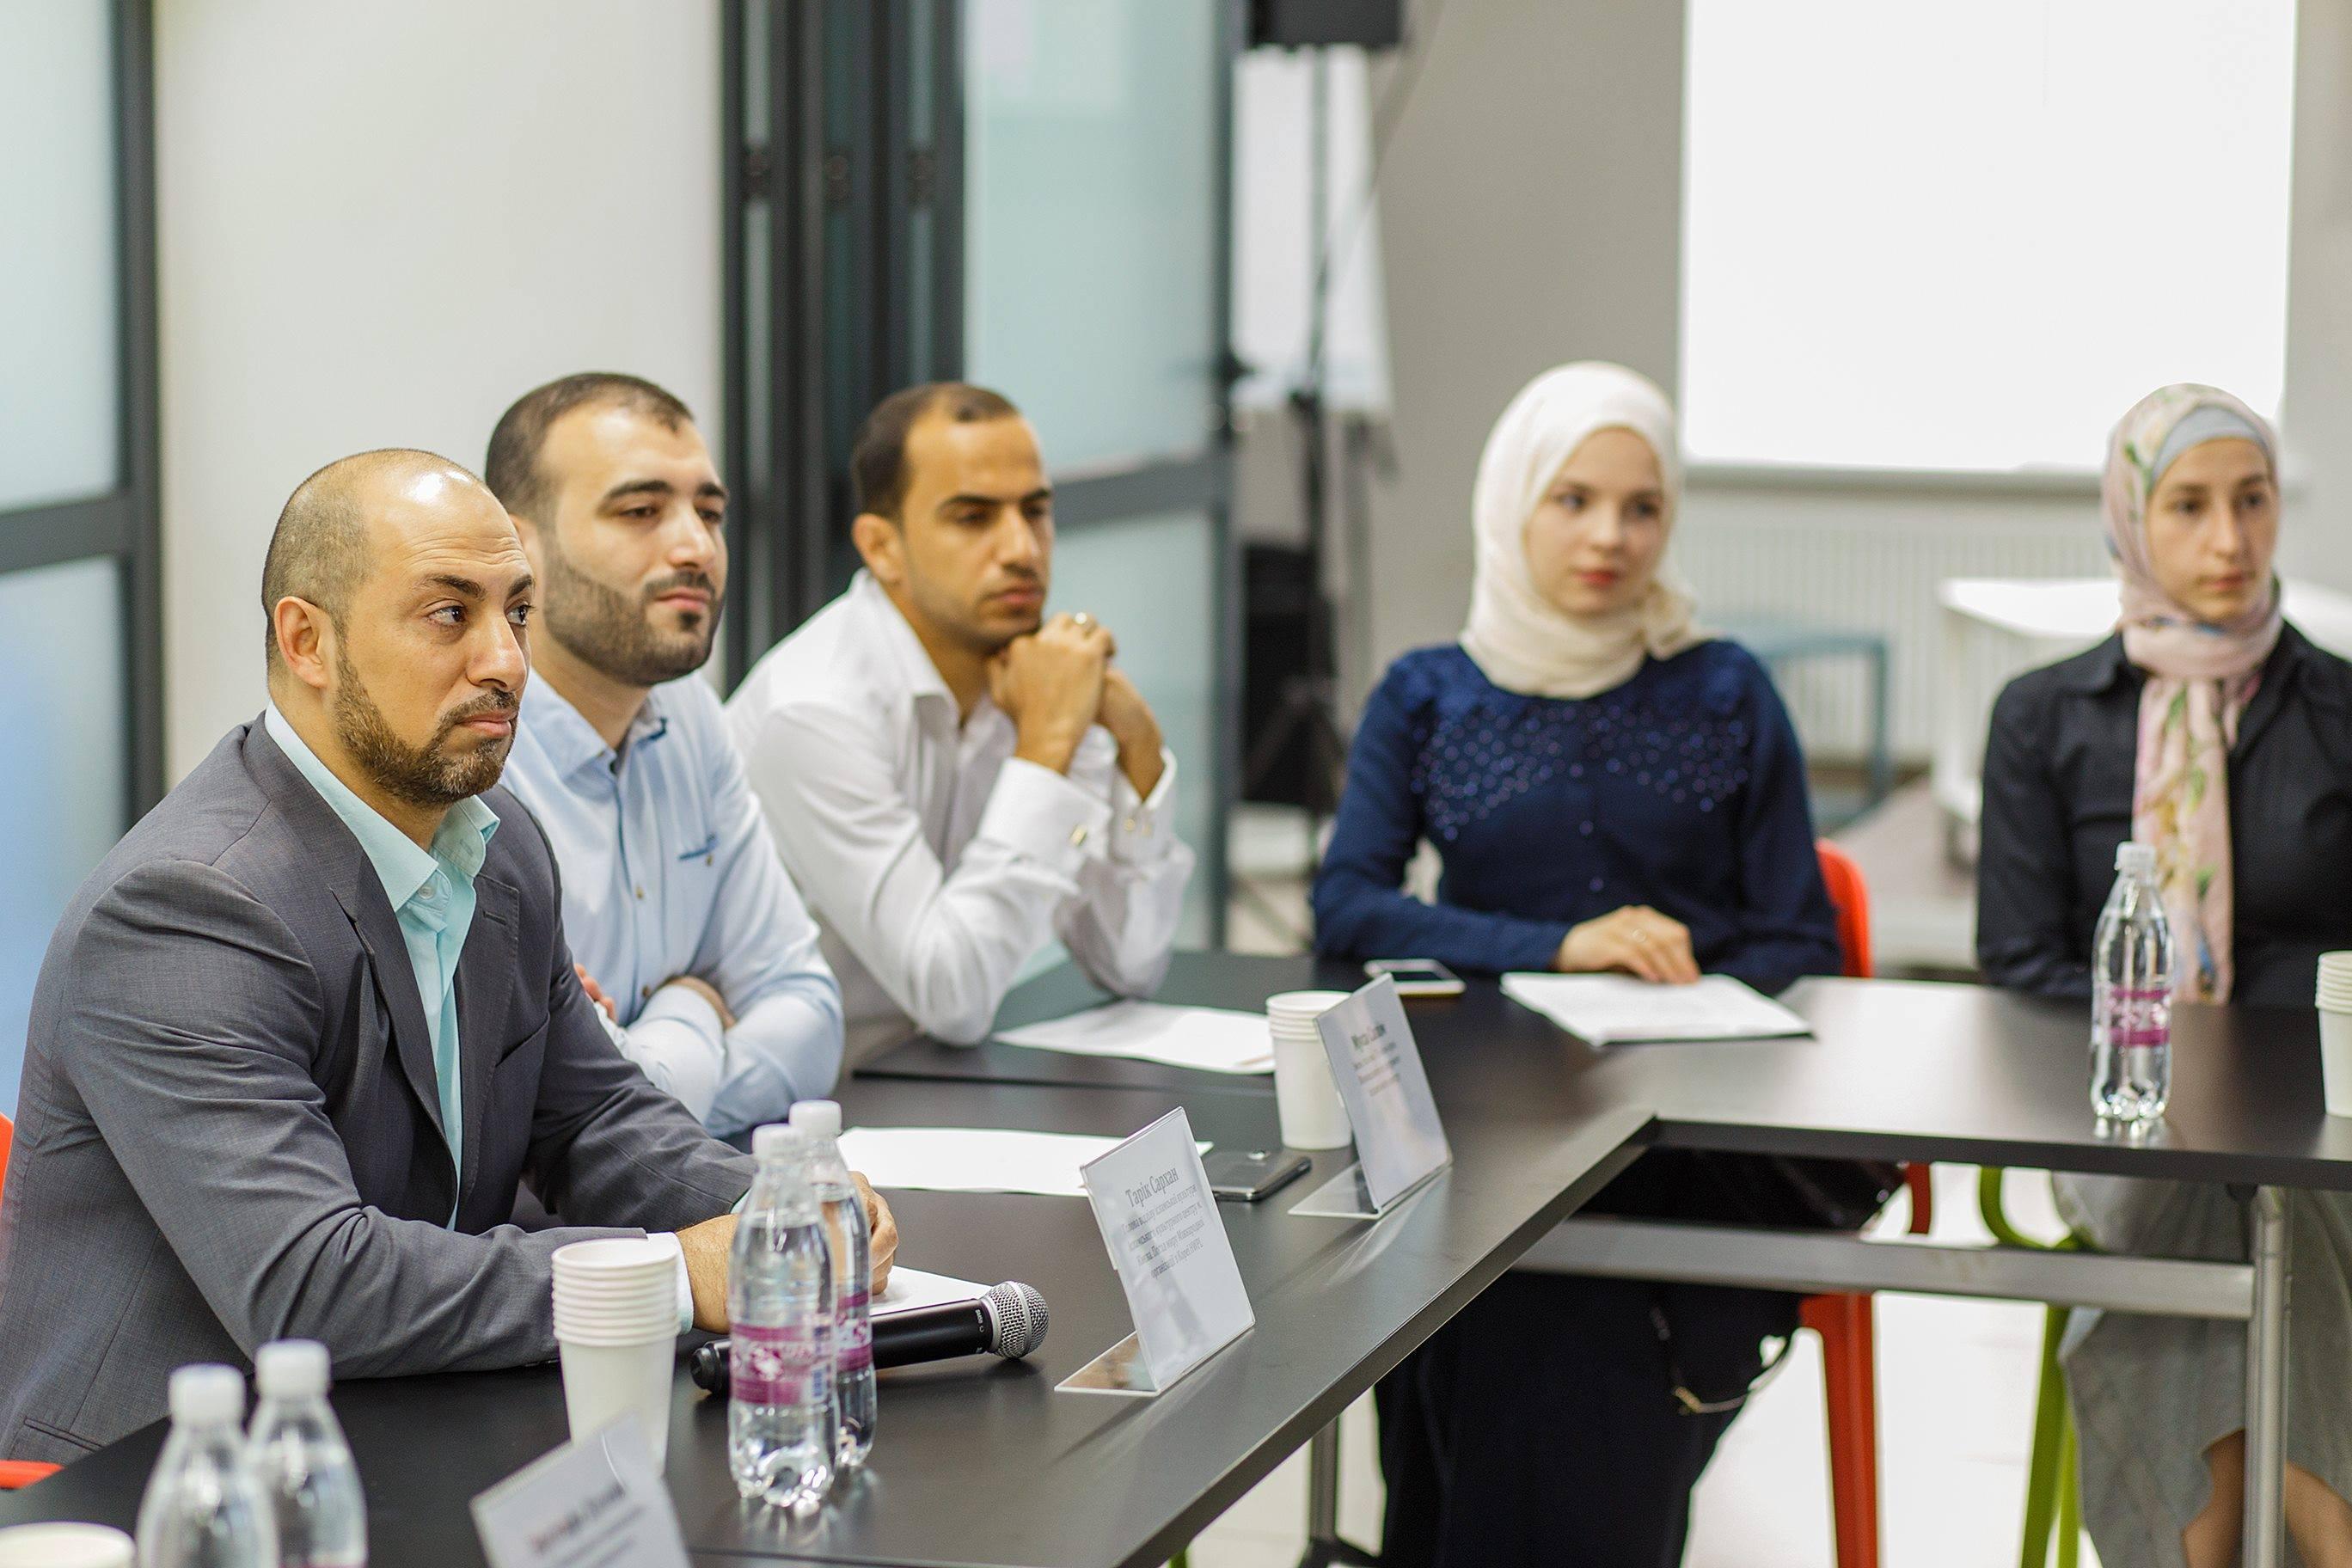 У Вінниці обговорили міжконфесійні відносини мусульманської спільноти